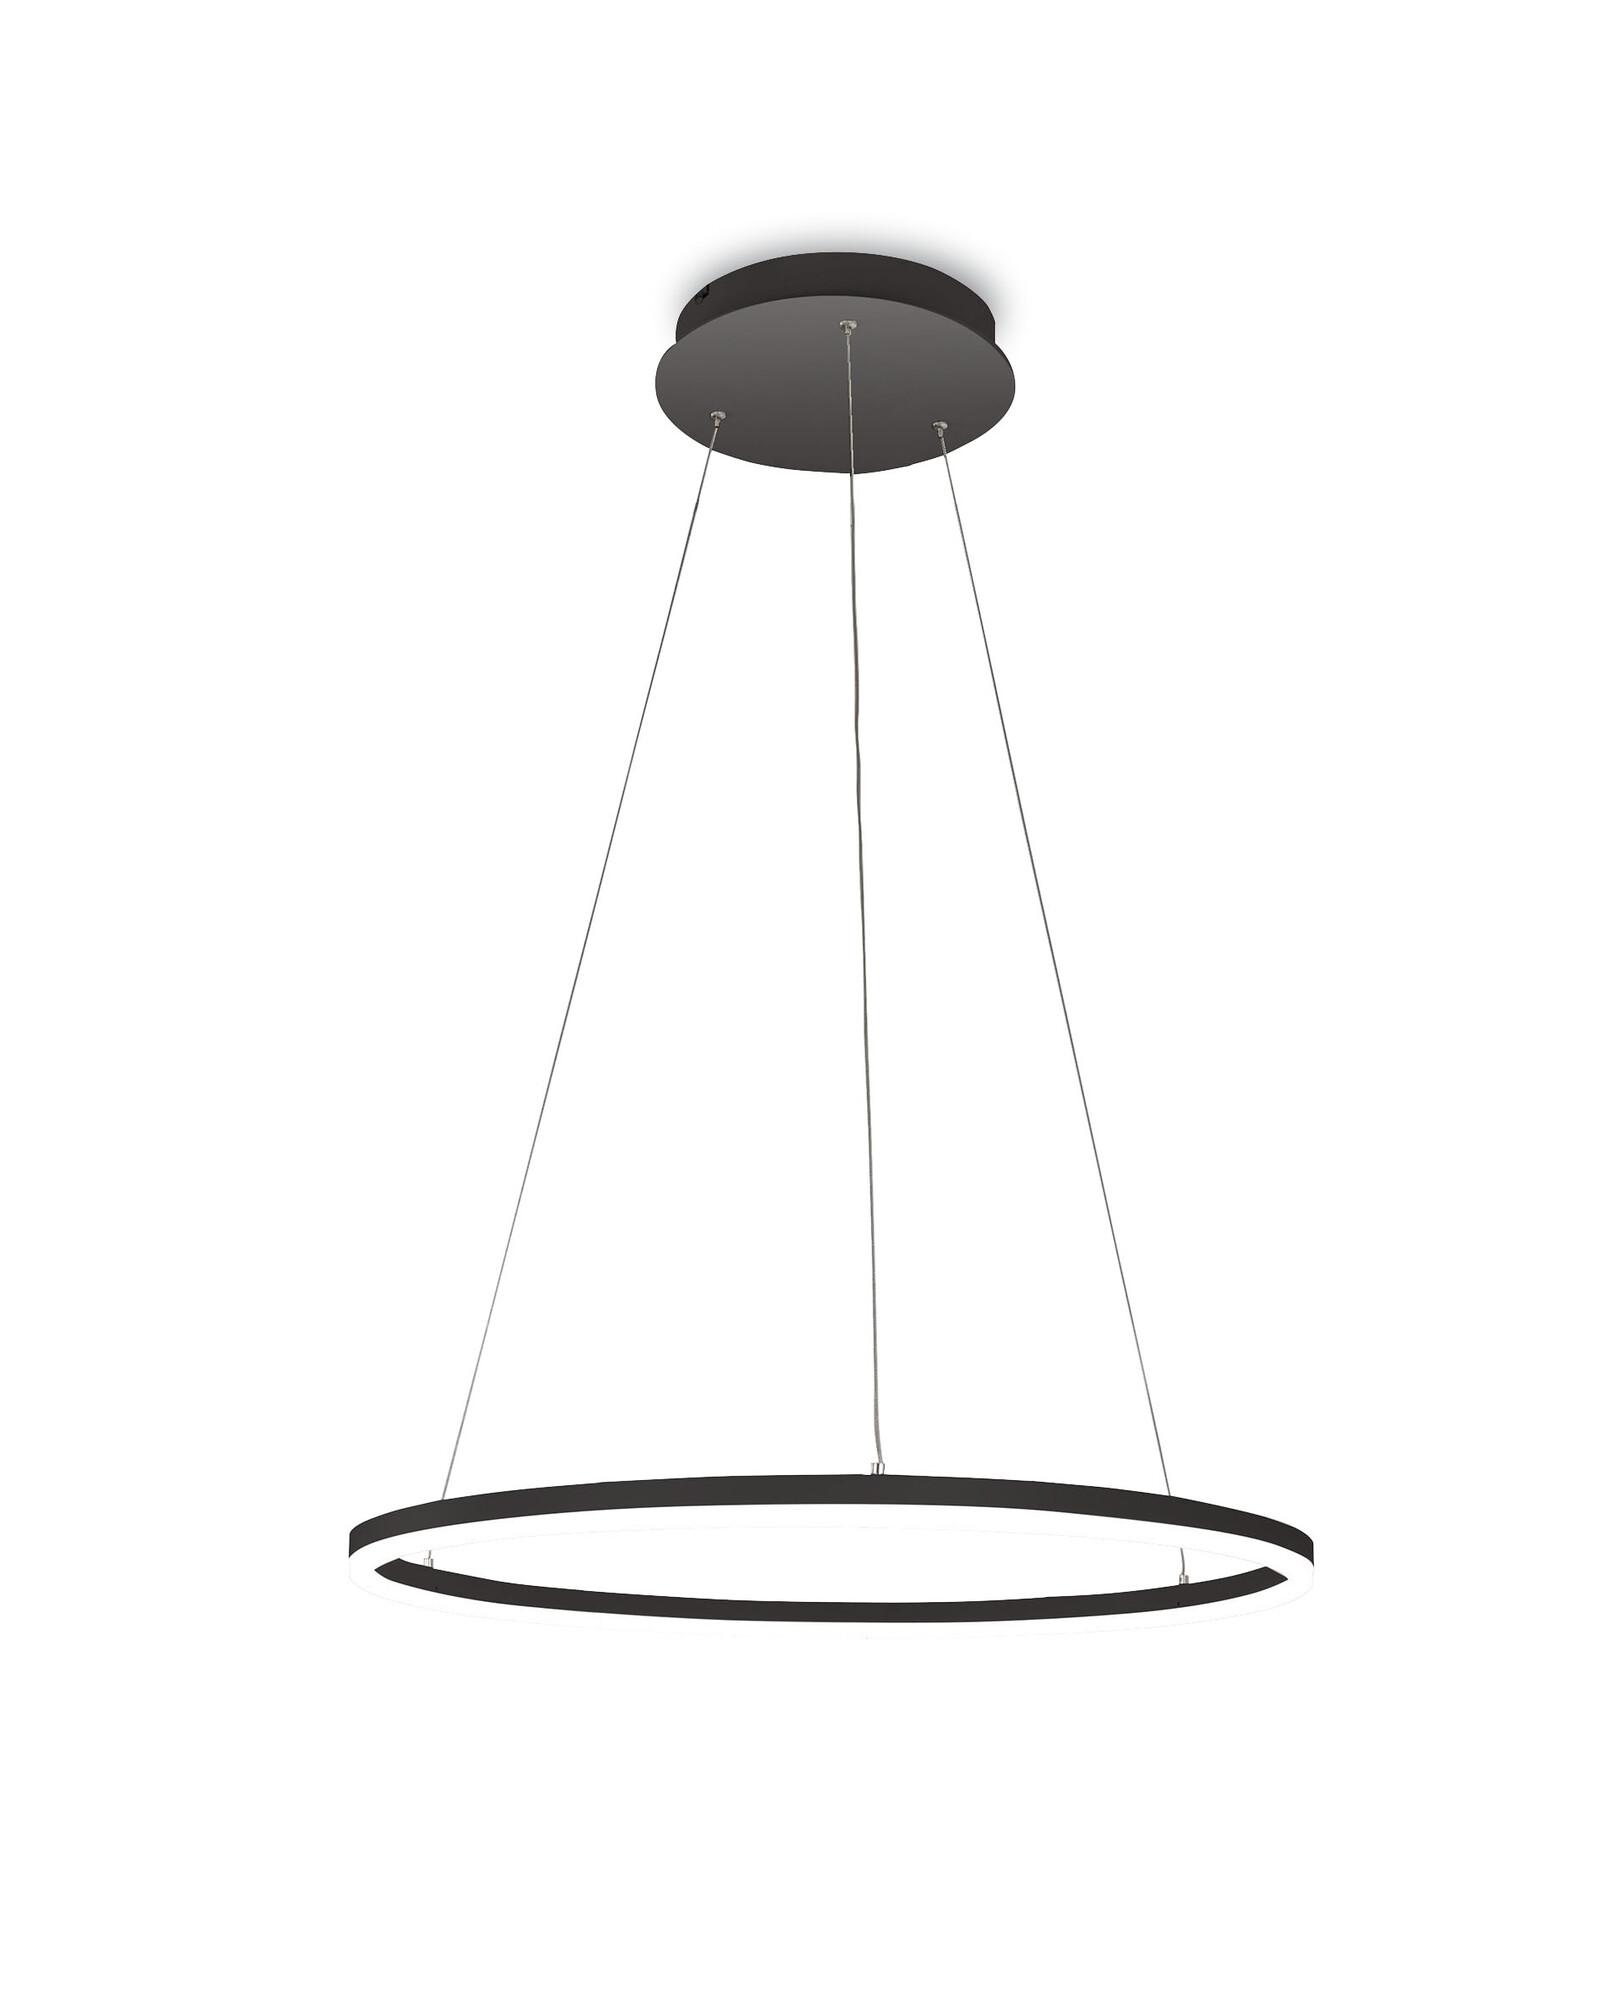 GIOTTO hanglampen